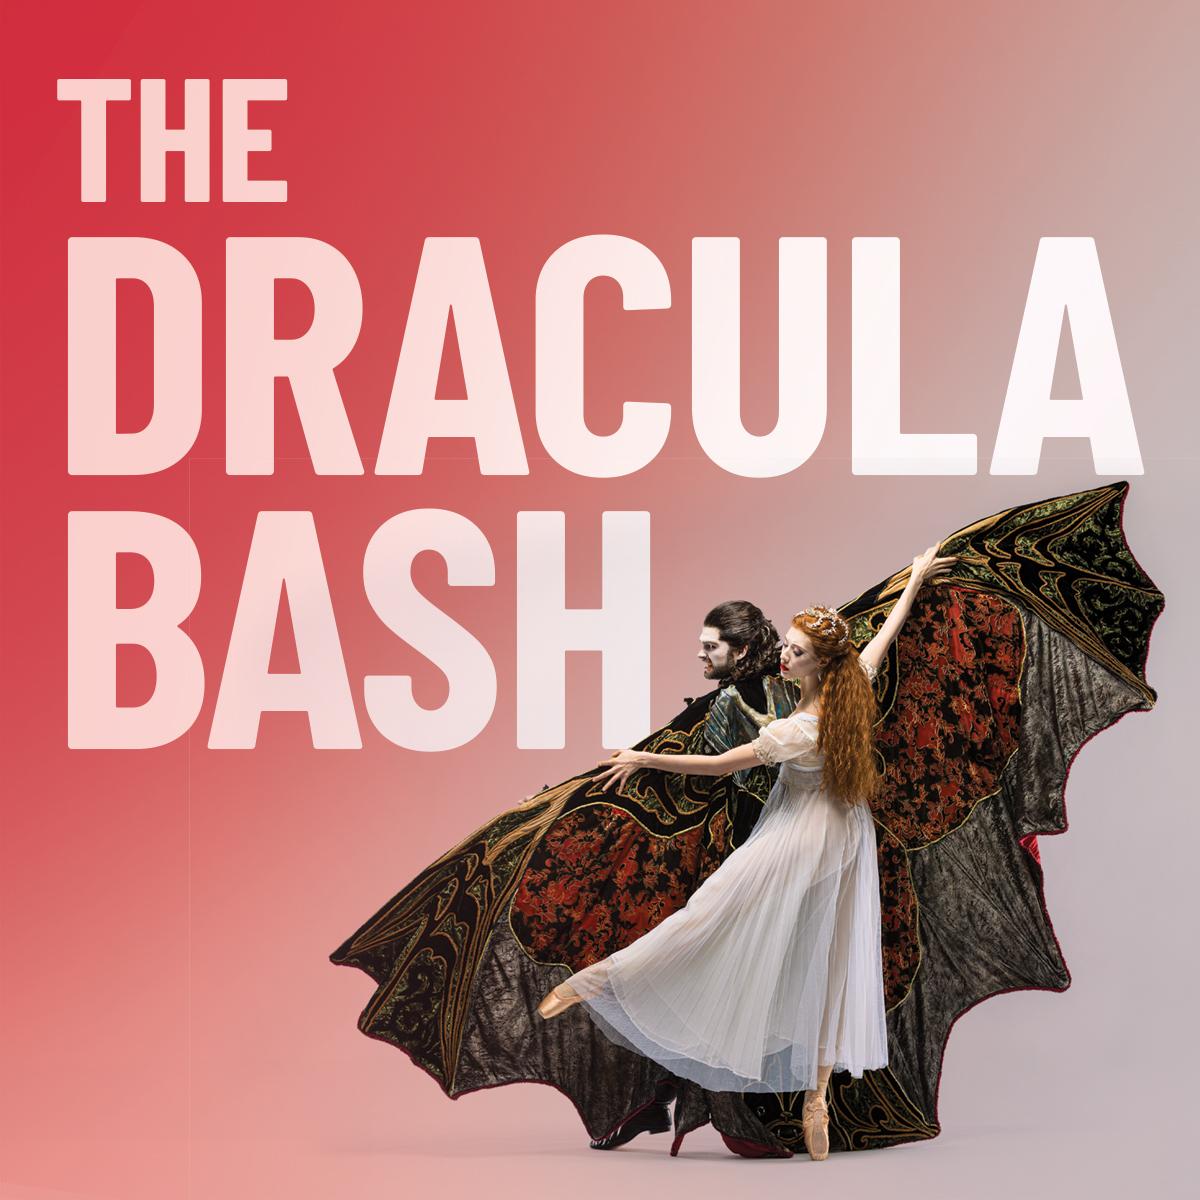 DraculaBash_1200x1200